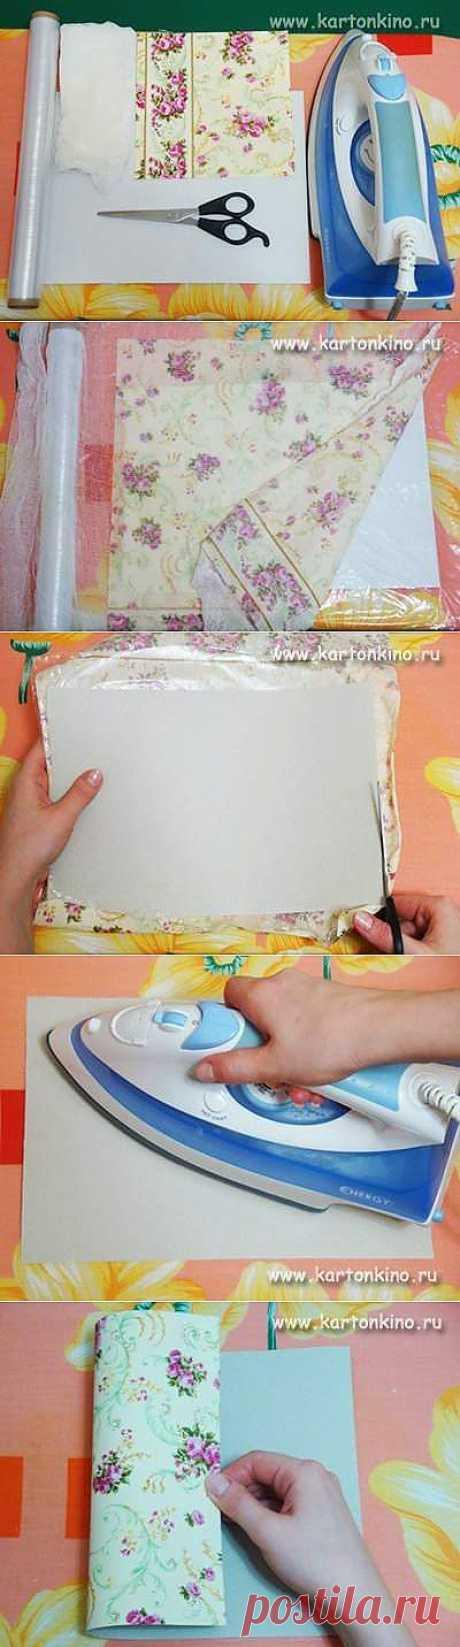 Как всего за 10 минут превратить обычный картон в дизайнерский ' Волшебный мир Алиши